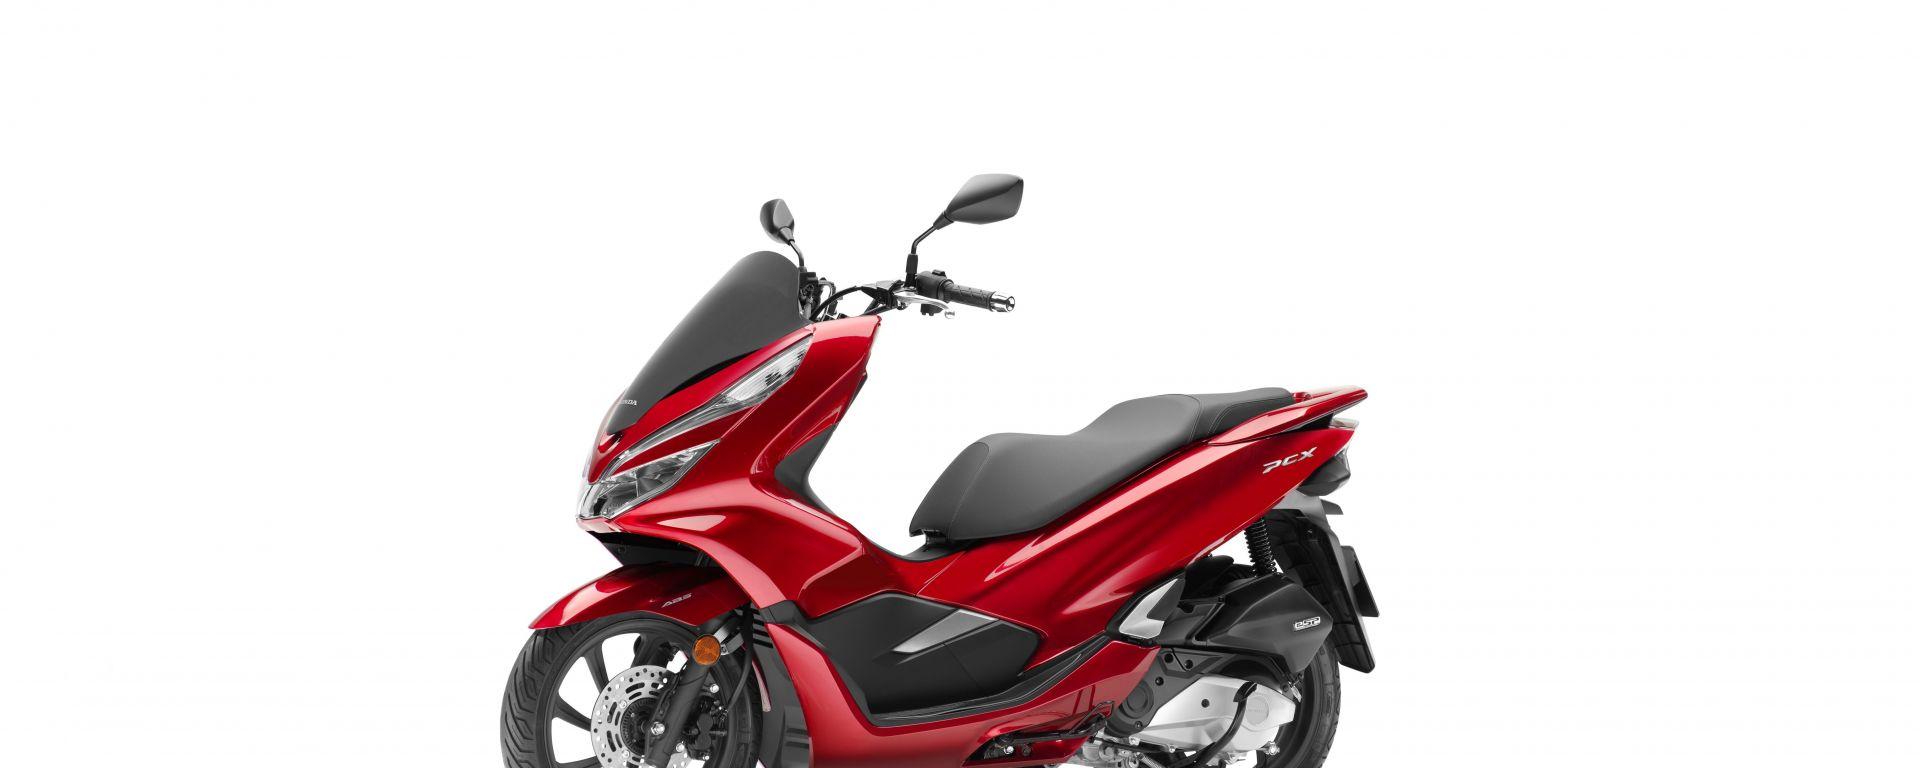 Nuovo Honda Pcx 125 Lo Scooter Si Rinnova Completamente Per Il 2018